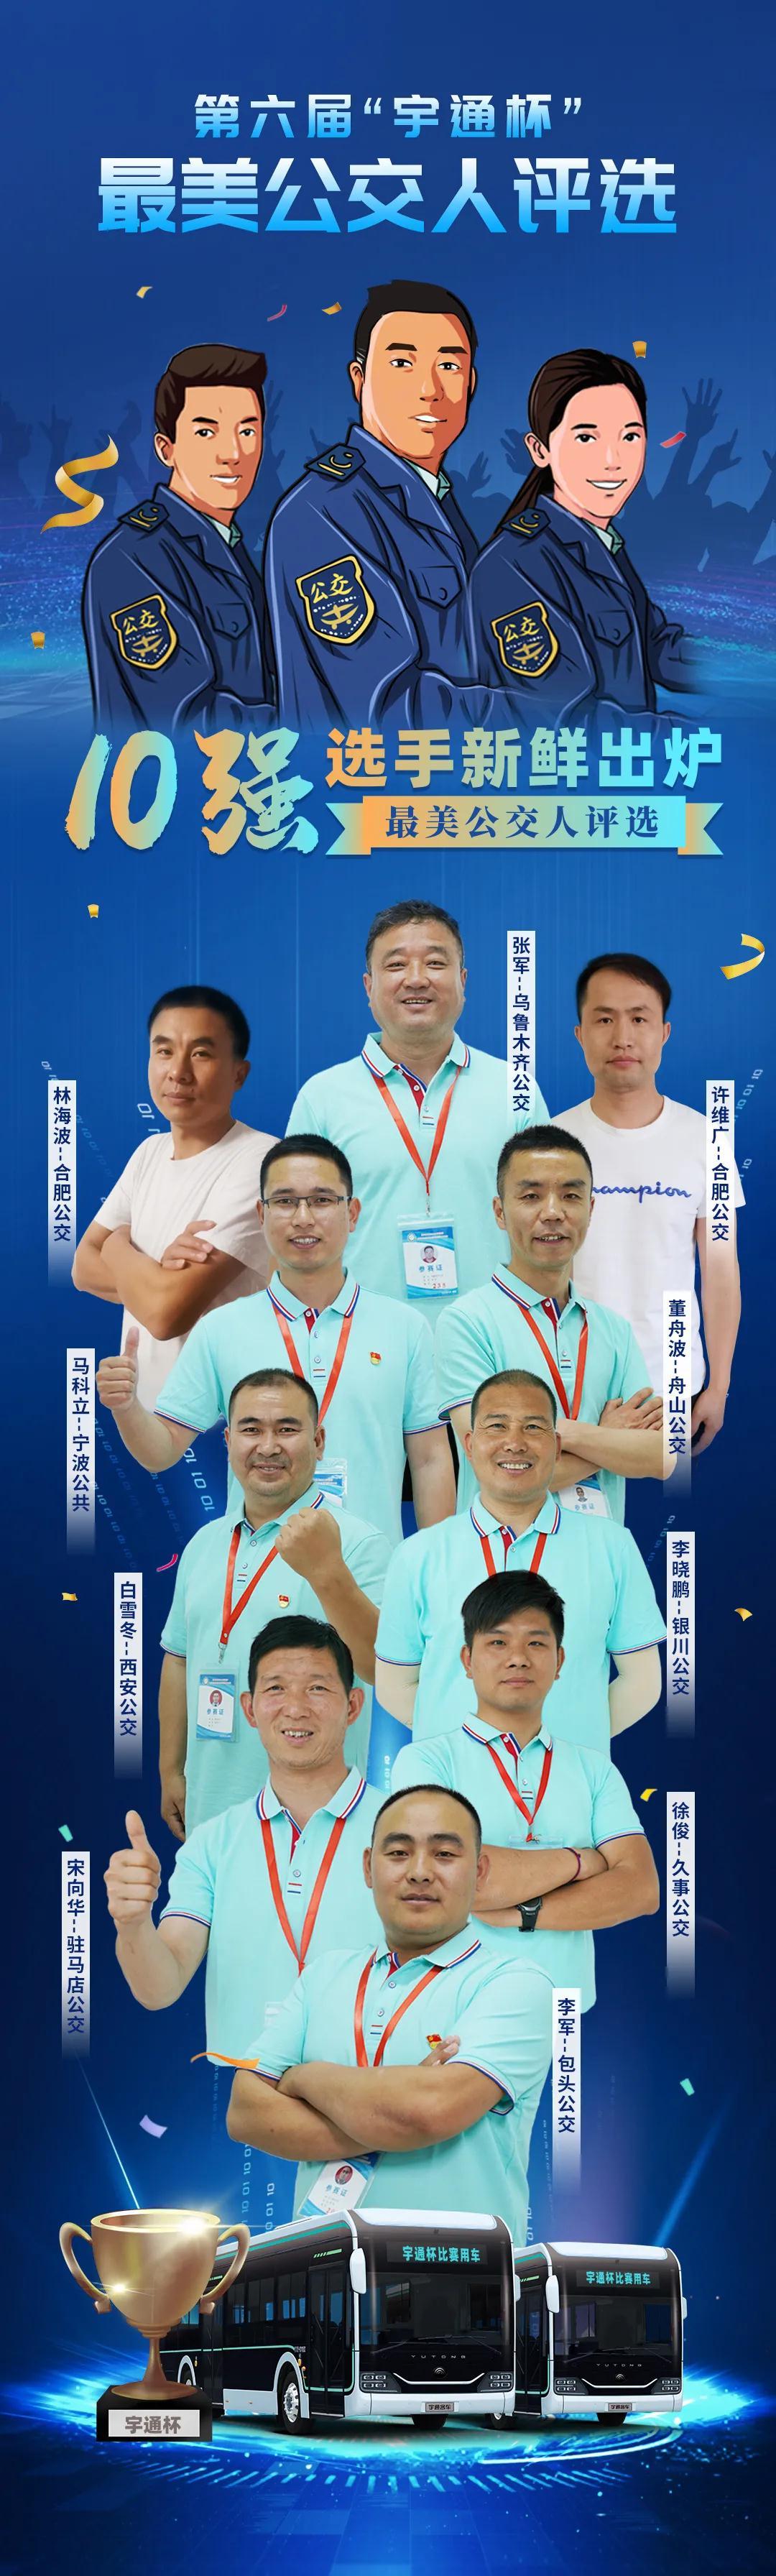 """逐鹿中原赛节能!第六届""""宇通杯""""圆满收官"""